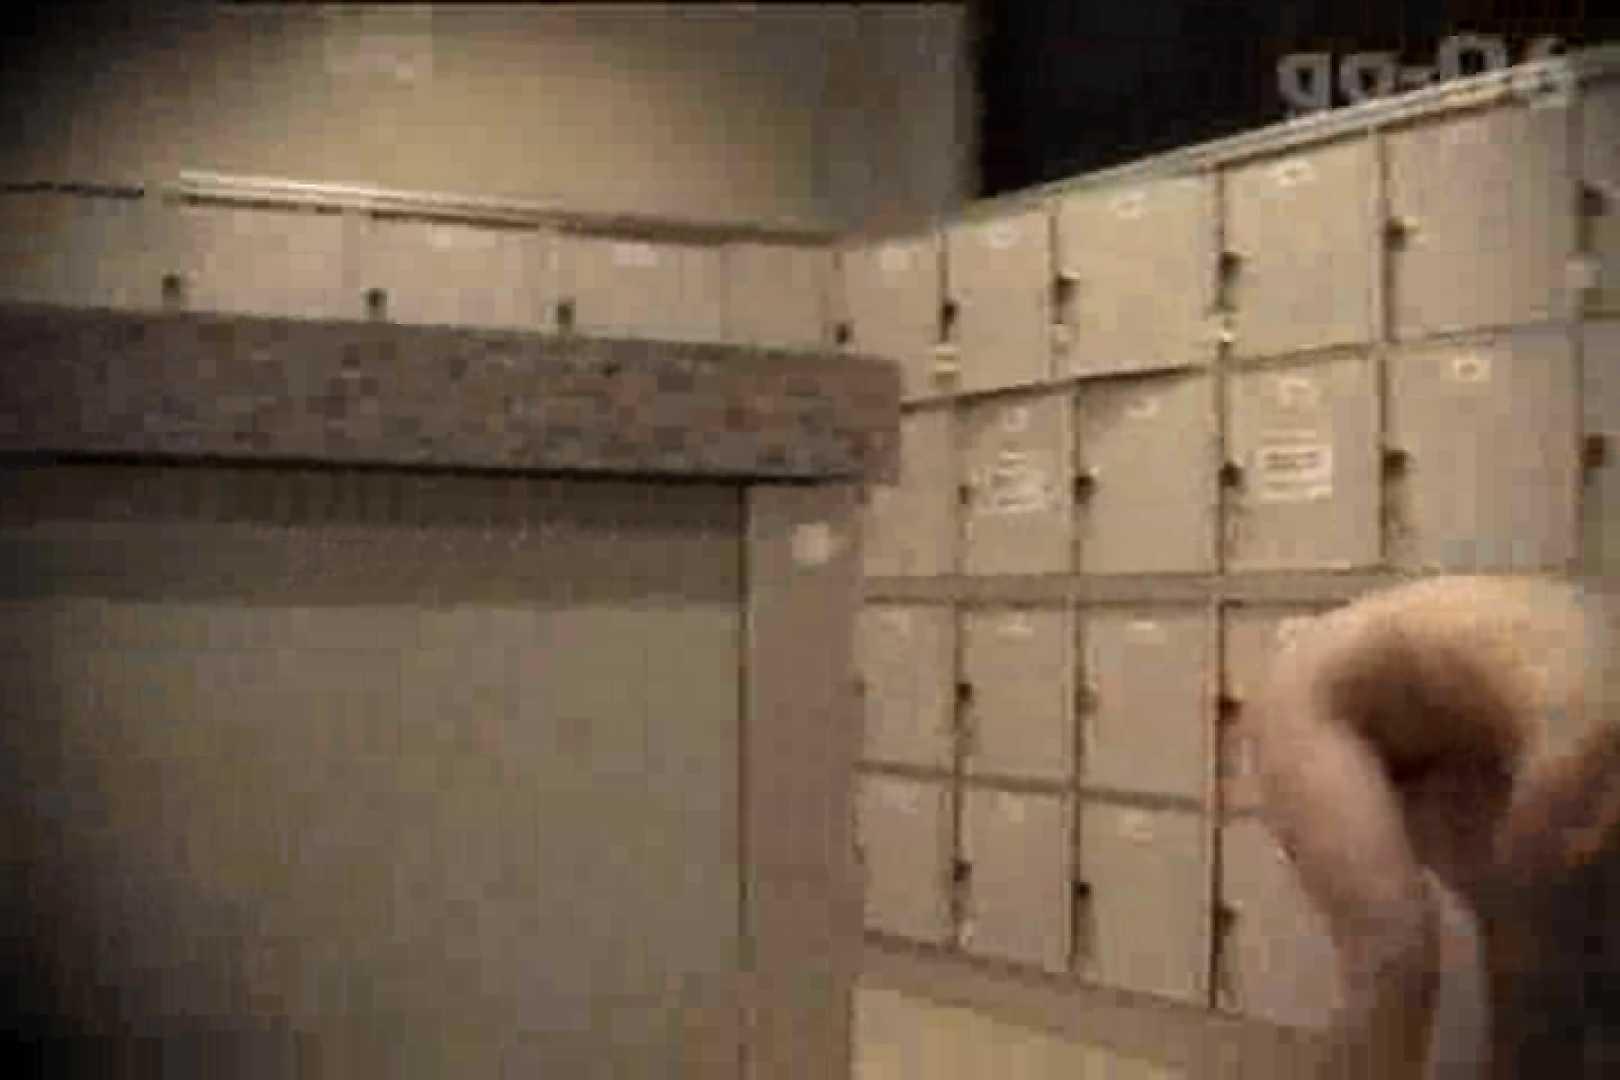 電波カメラ設置浴場からの防HAN映像 Vol.06 アラ30 おめこ無修正動画無料 106画像 34